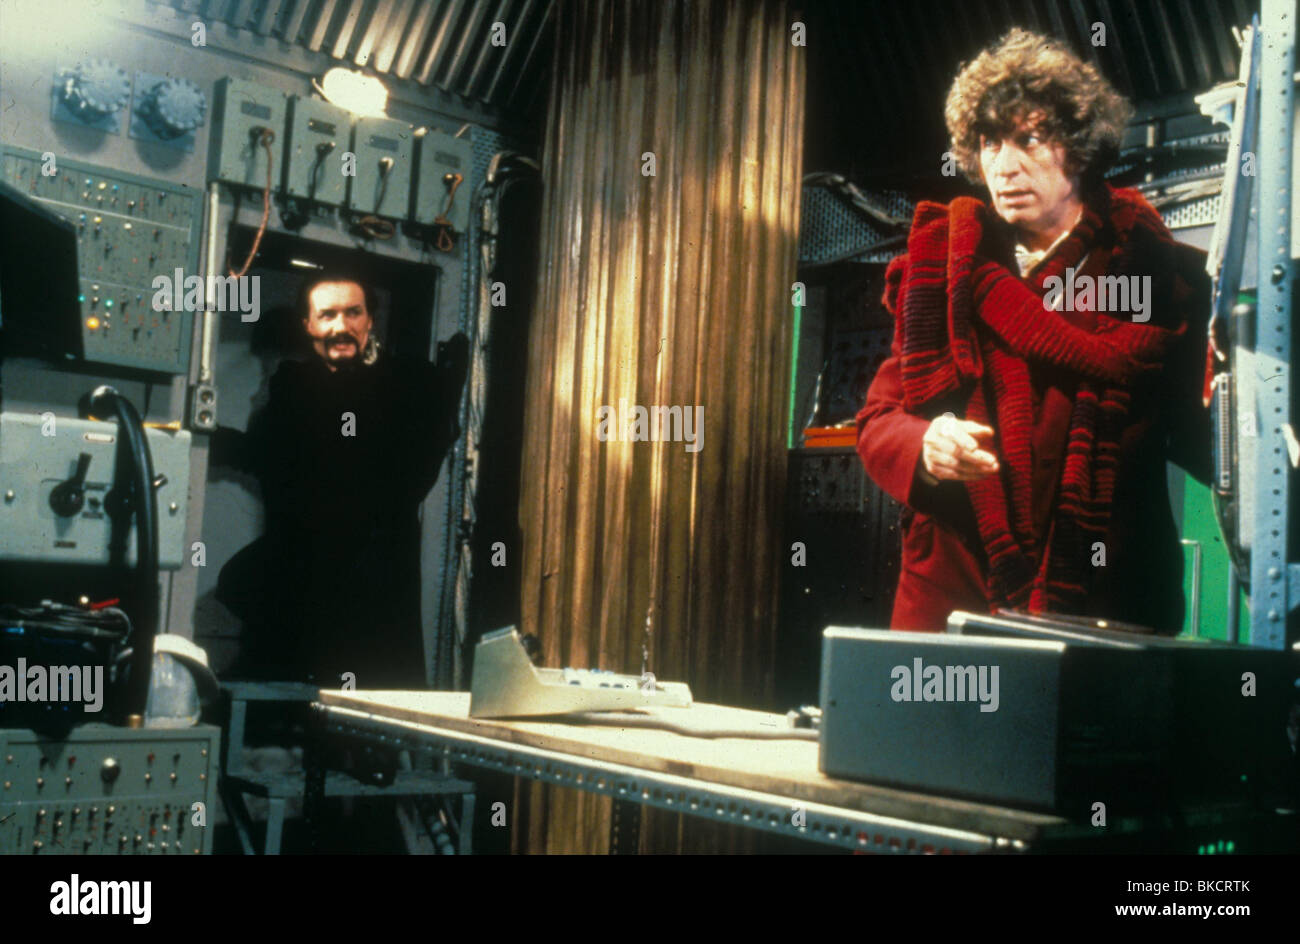 DR WHO (TV) DOCTOR WHO (ALT) TOM BAKER DRW 002 - Stock Image